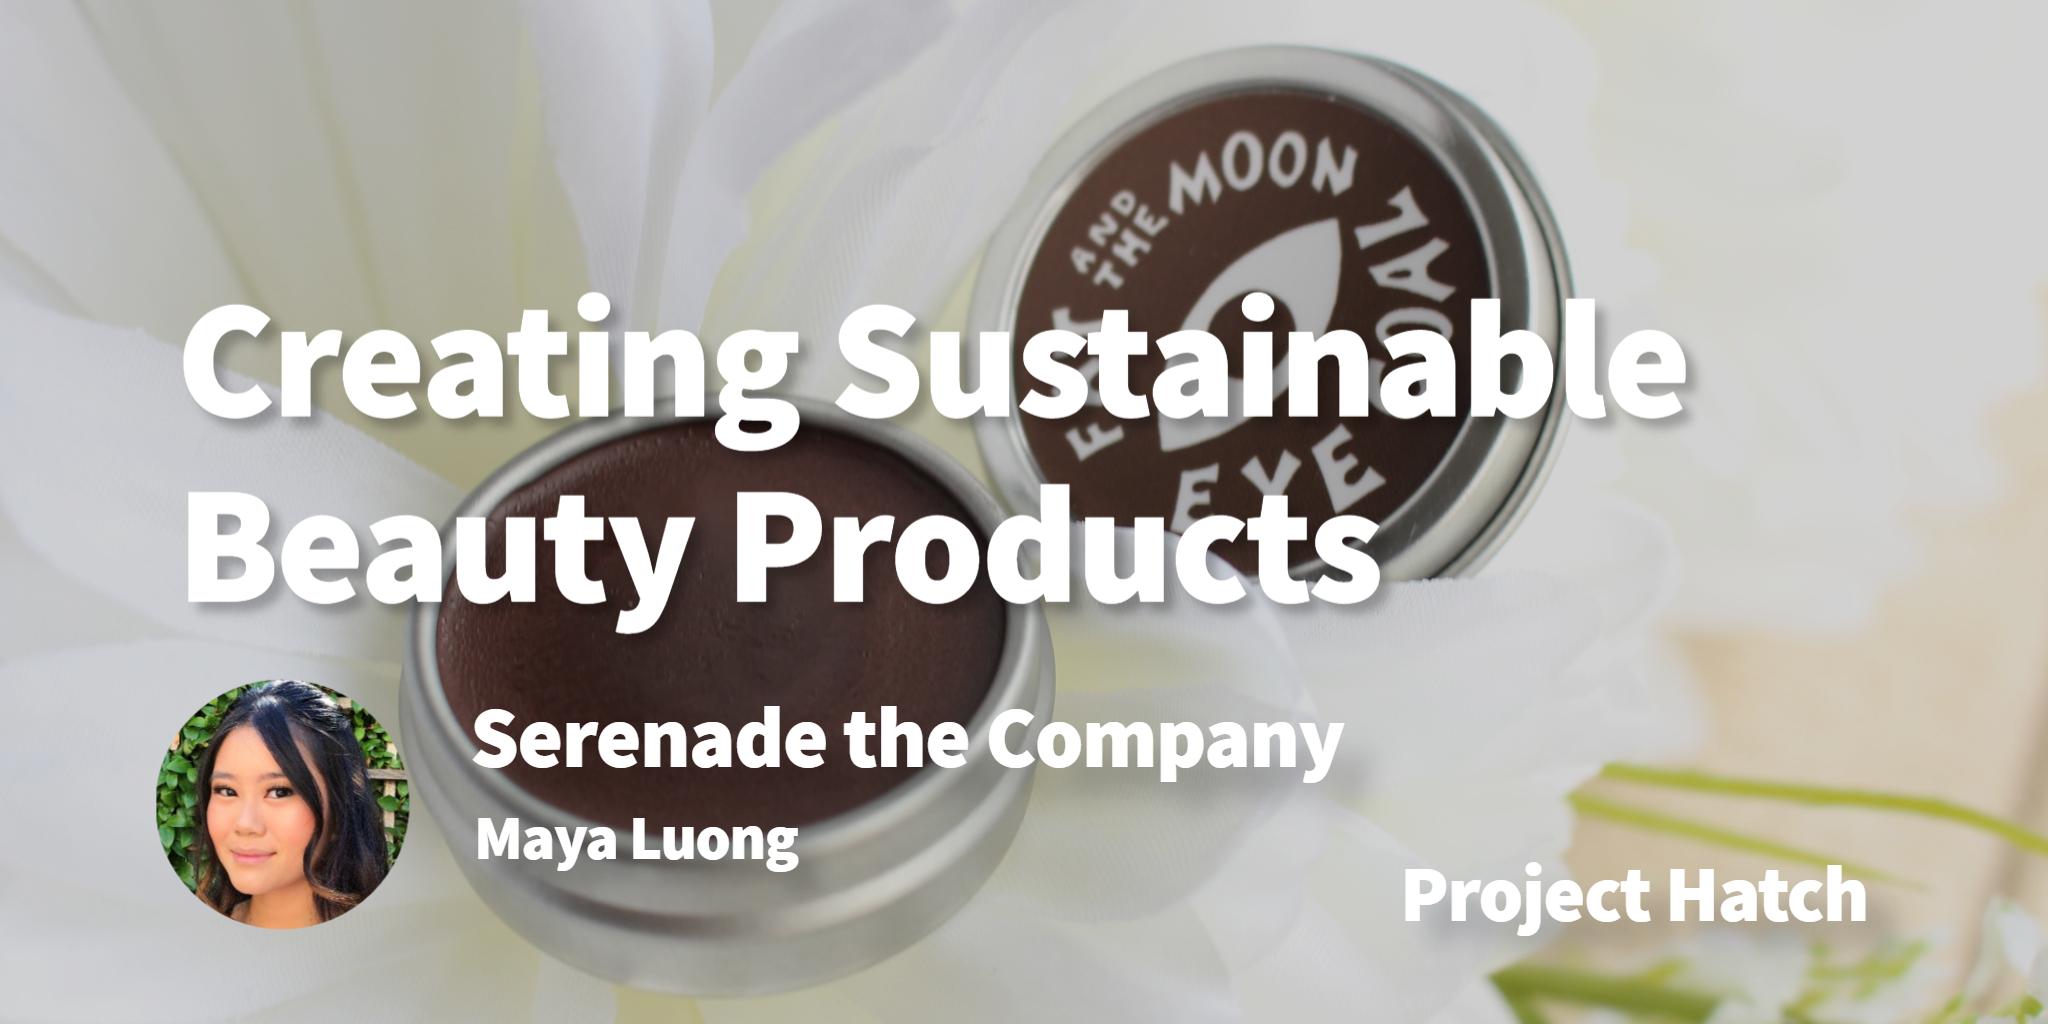 Serenade the Company Maya Luong